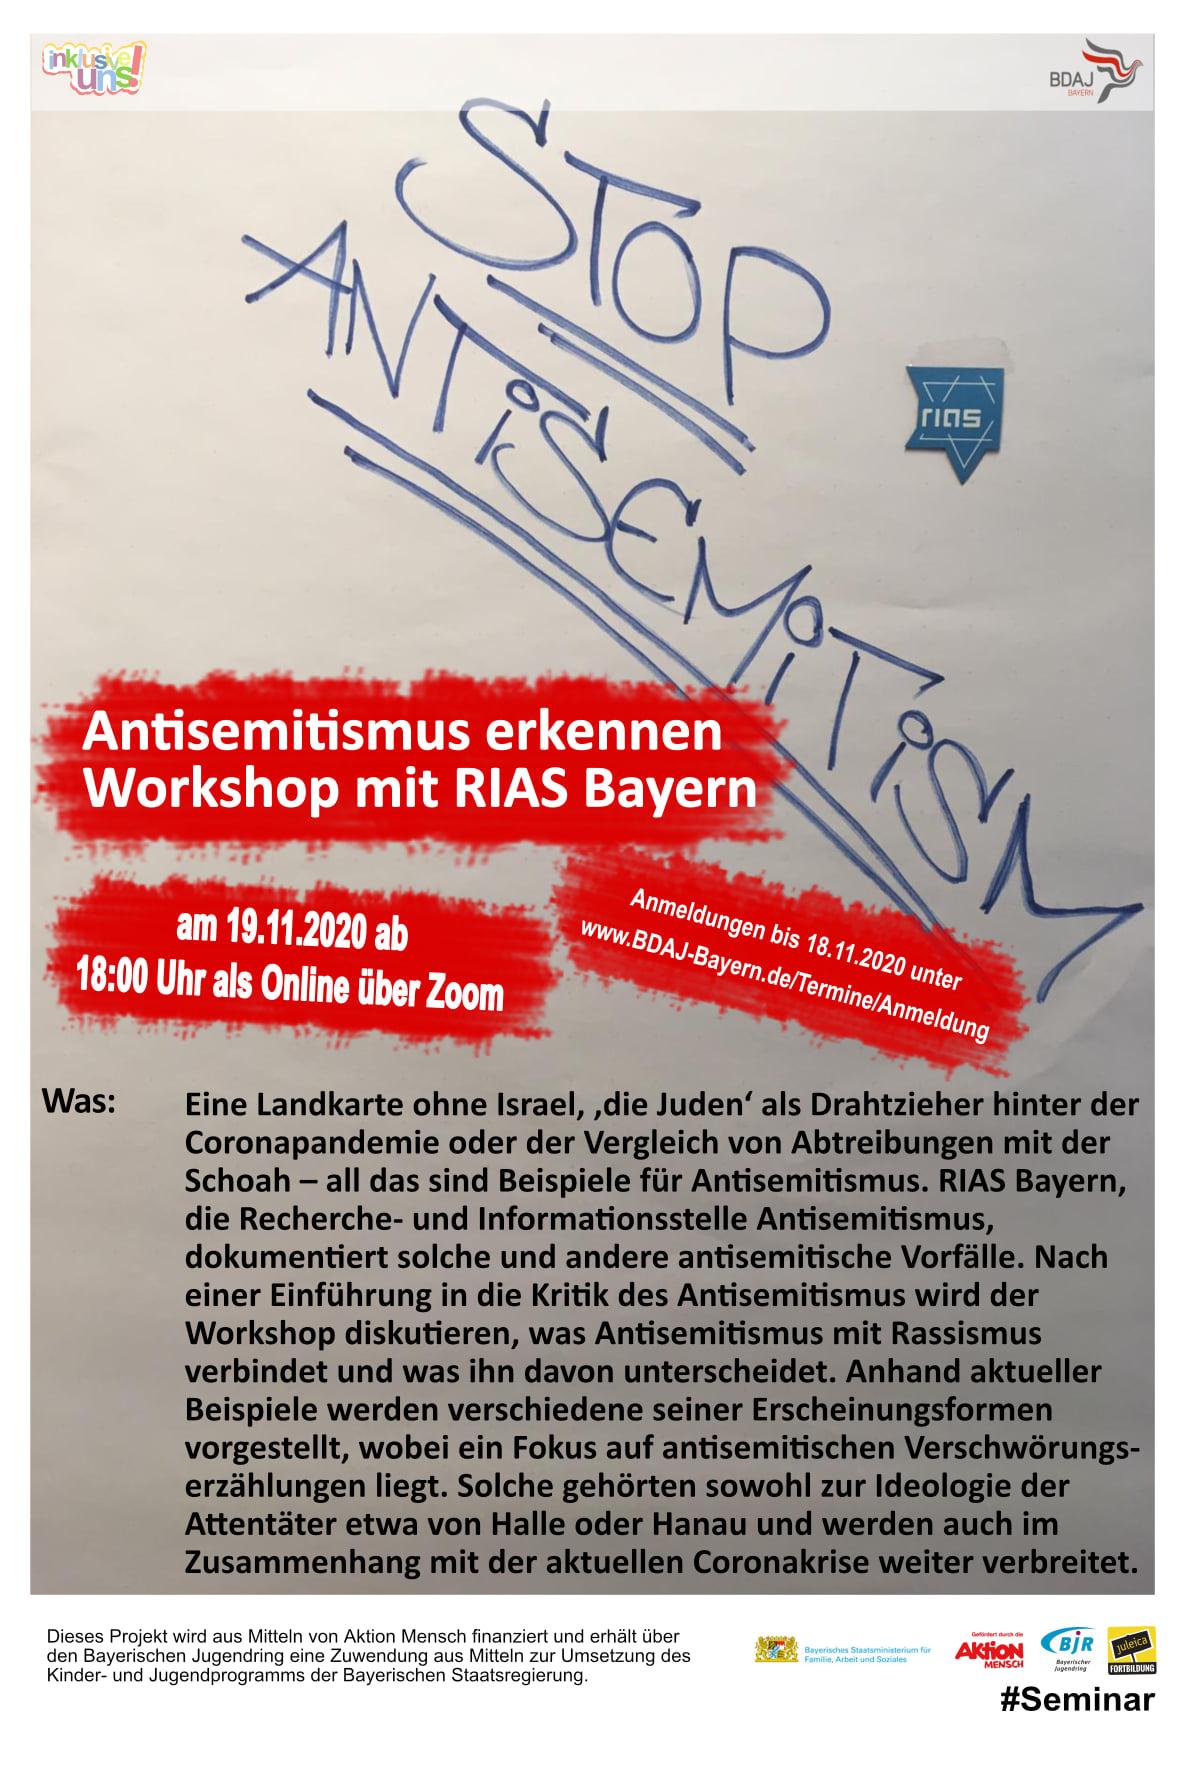 Online-Seminar: Antisemitismus erkennen – Workshop mit RIAS Bayern - Recherche- und Informationsstelle Antisemitismus